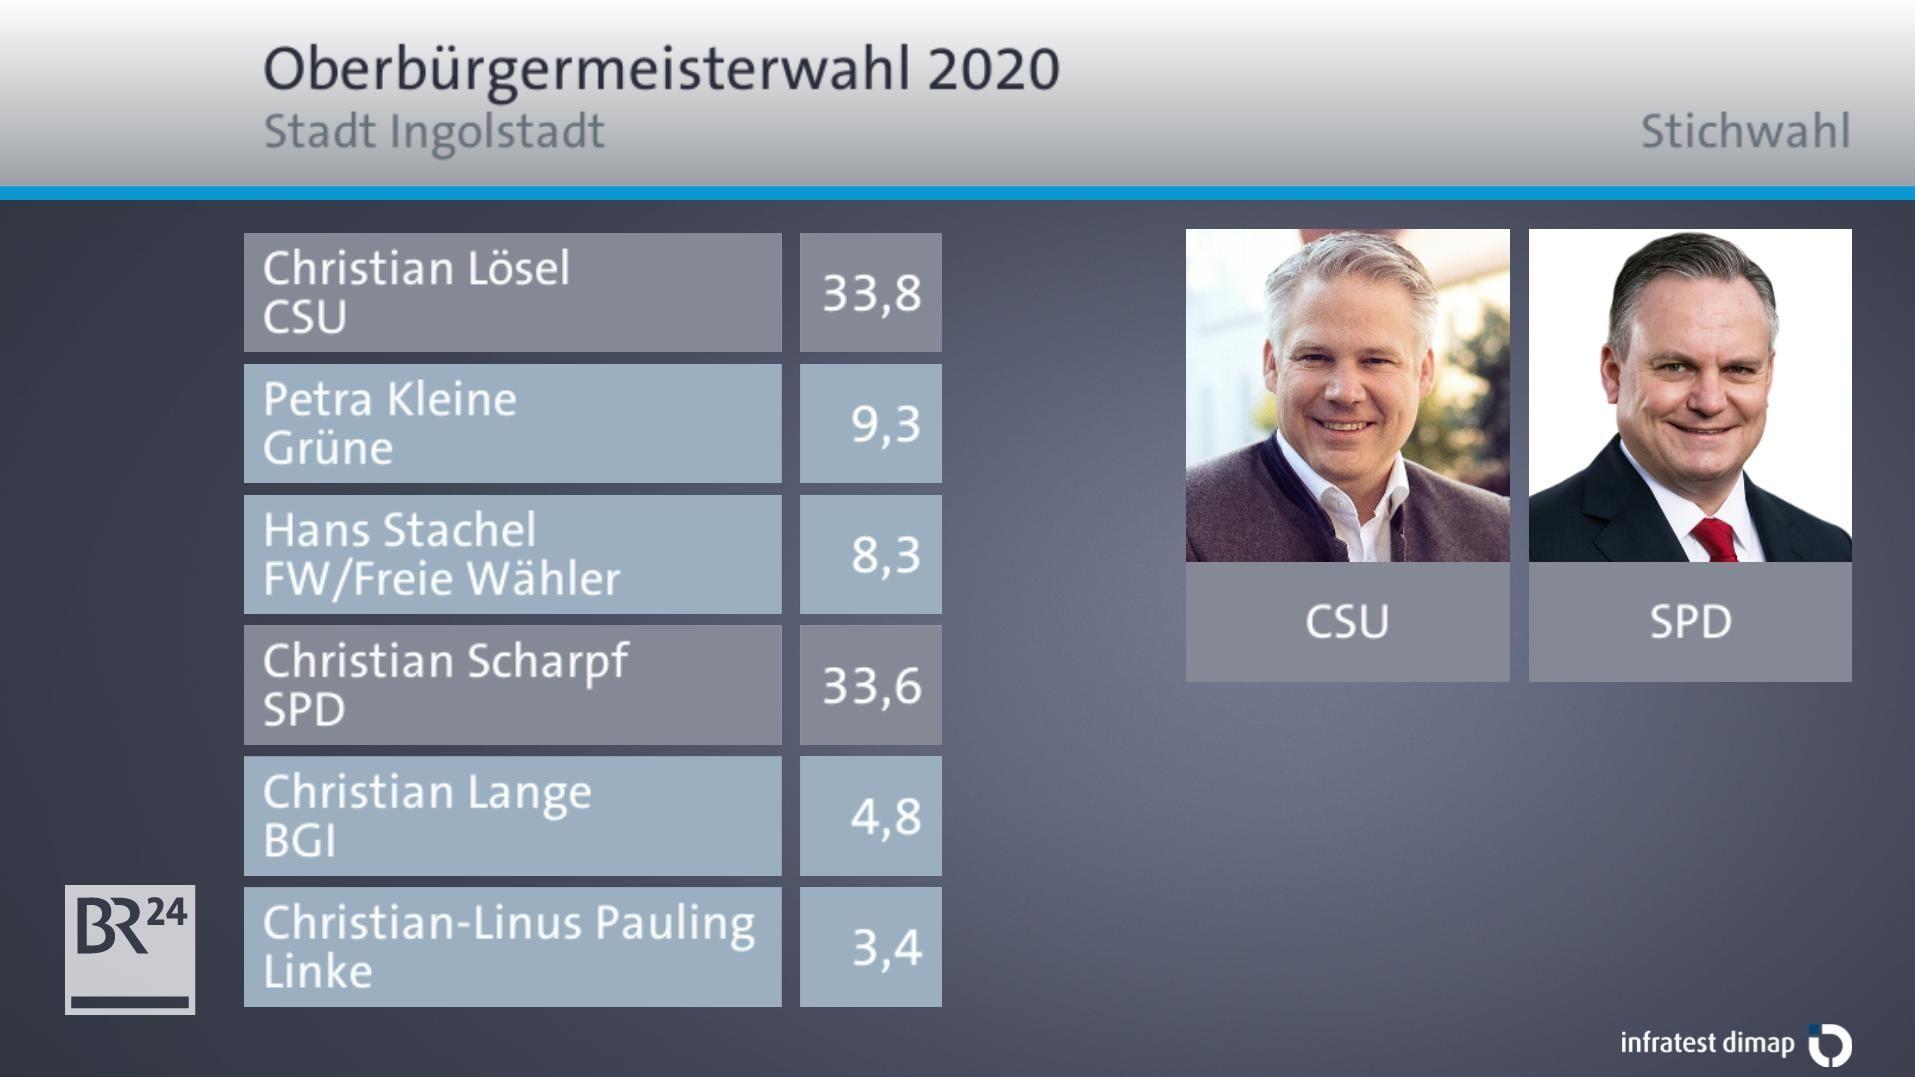 Das vorläufige Endergebnis für Ingolstadt: Christian Lösel (CSU) 33,8 Prozent, Christian Scharpf (SPD) 33,6 Prozent.